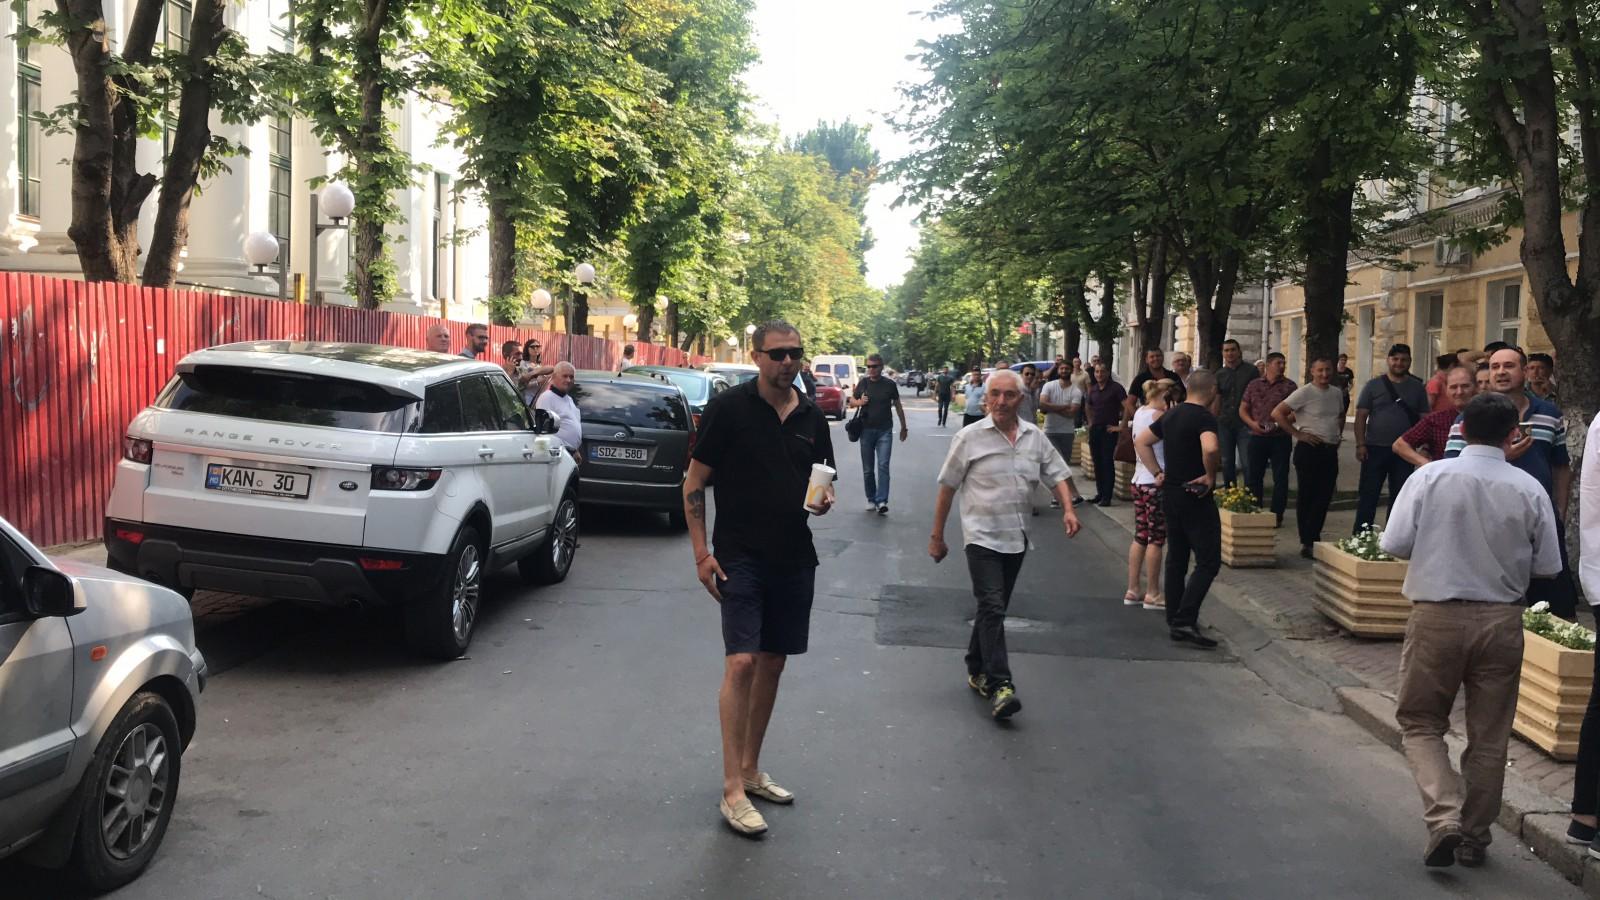 (video) Atenție, provocator de meserie! Un bărbat ce se pretinde inginer, apare la orice manifestație publică din capitală și agresează manifestanții